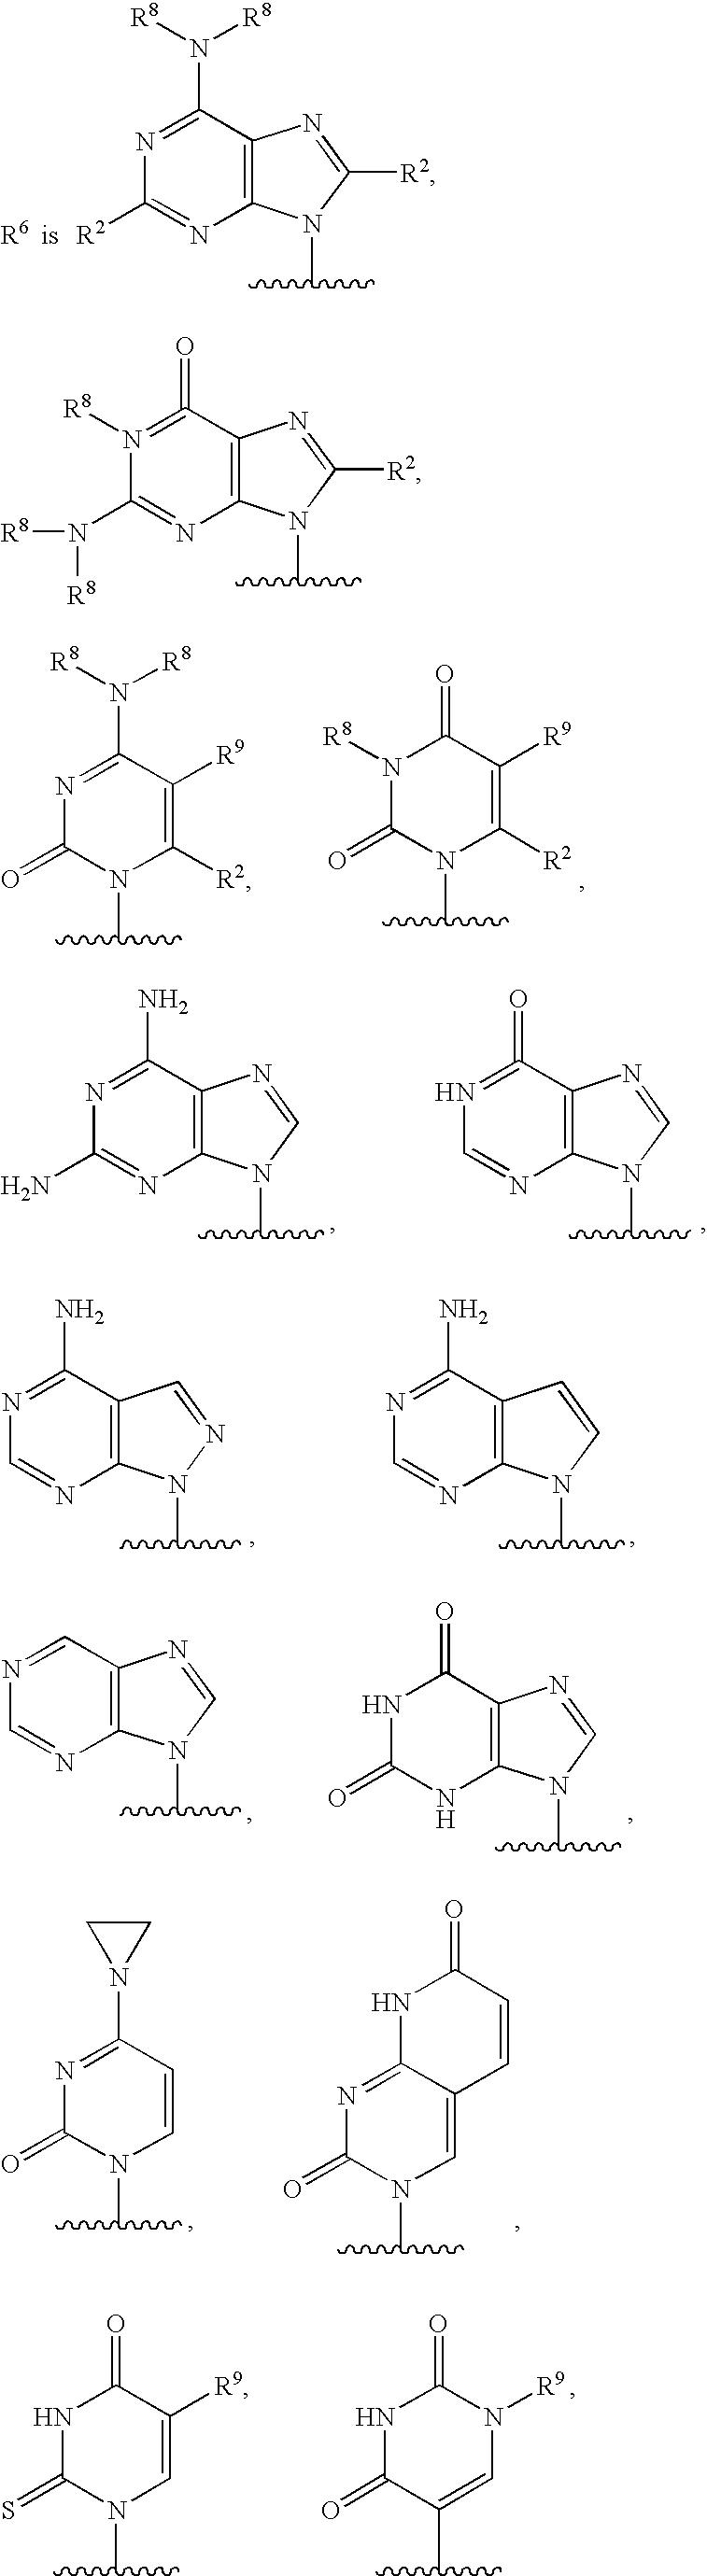 Figure US07723512-20100525-C00177